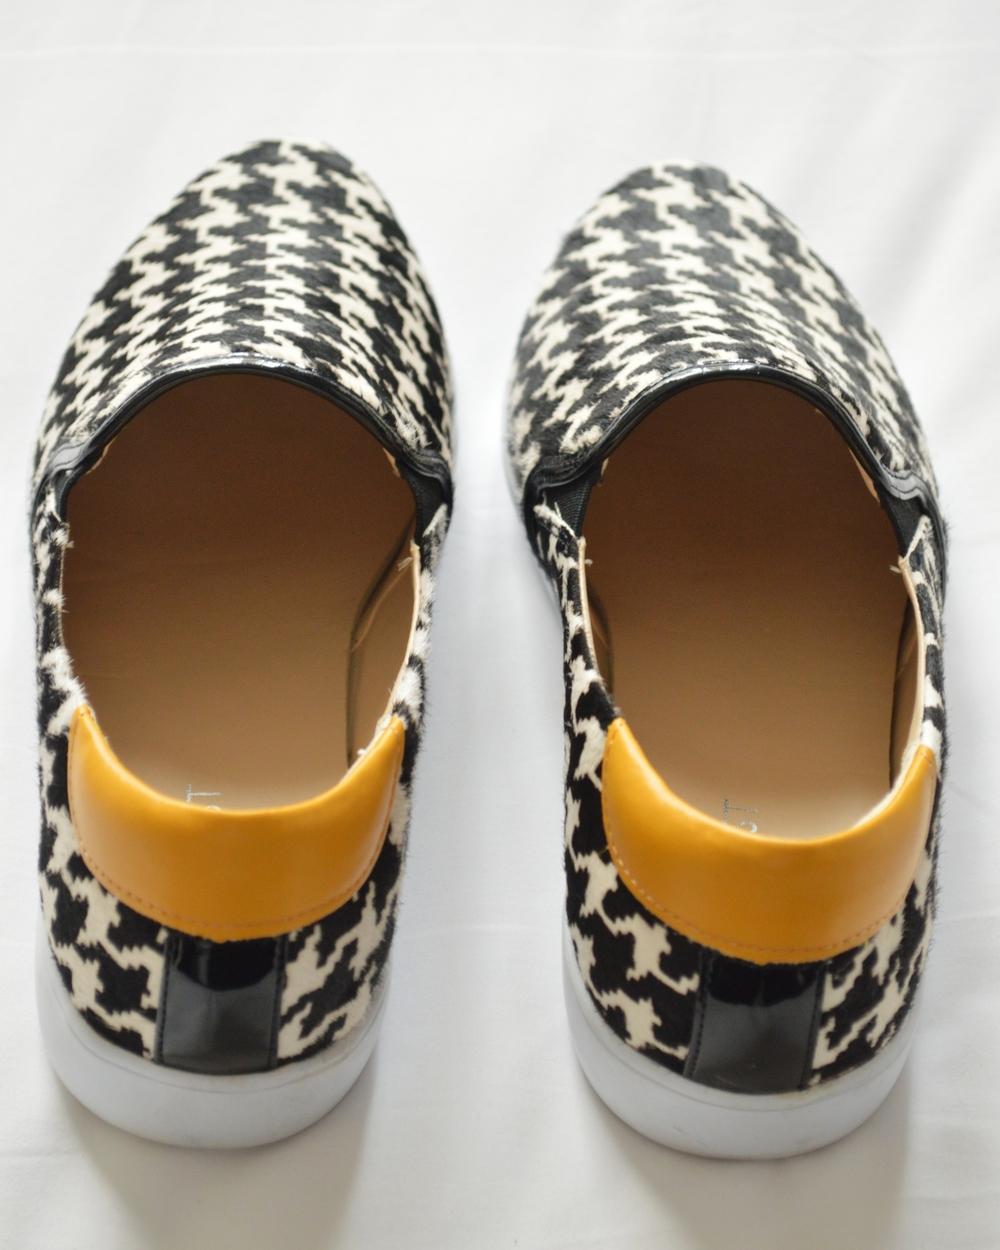 Nine-West-LilDevil-SlipOn-Sneaker-Houndstooth-LaurenSchwaiger-Life-Style-Blog.jpg